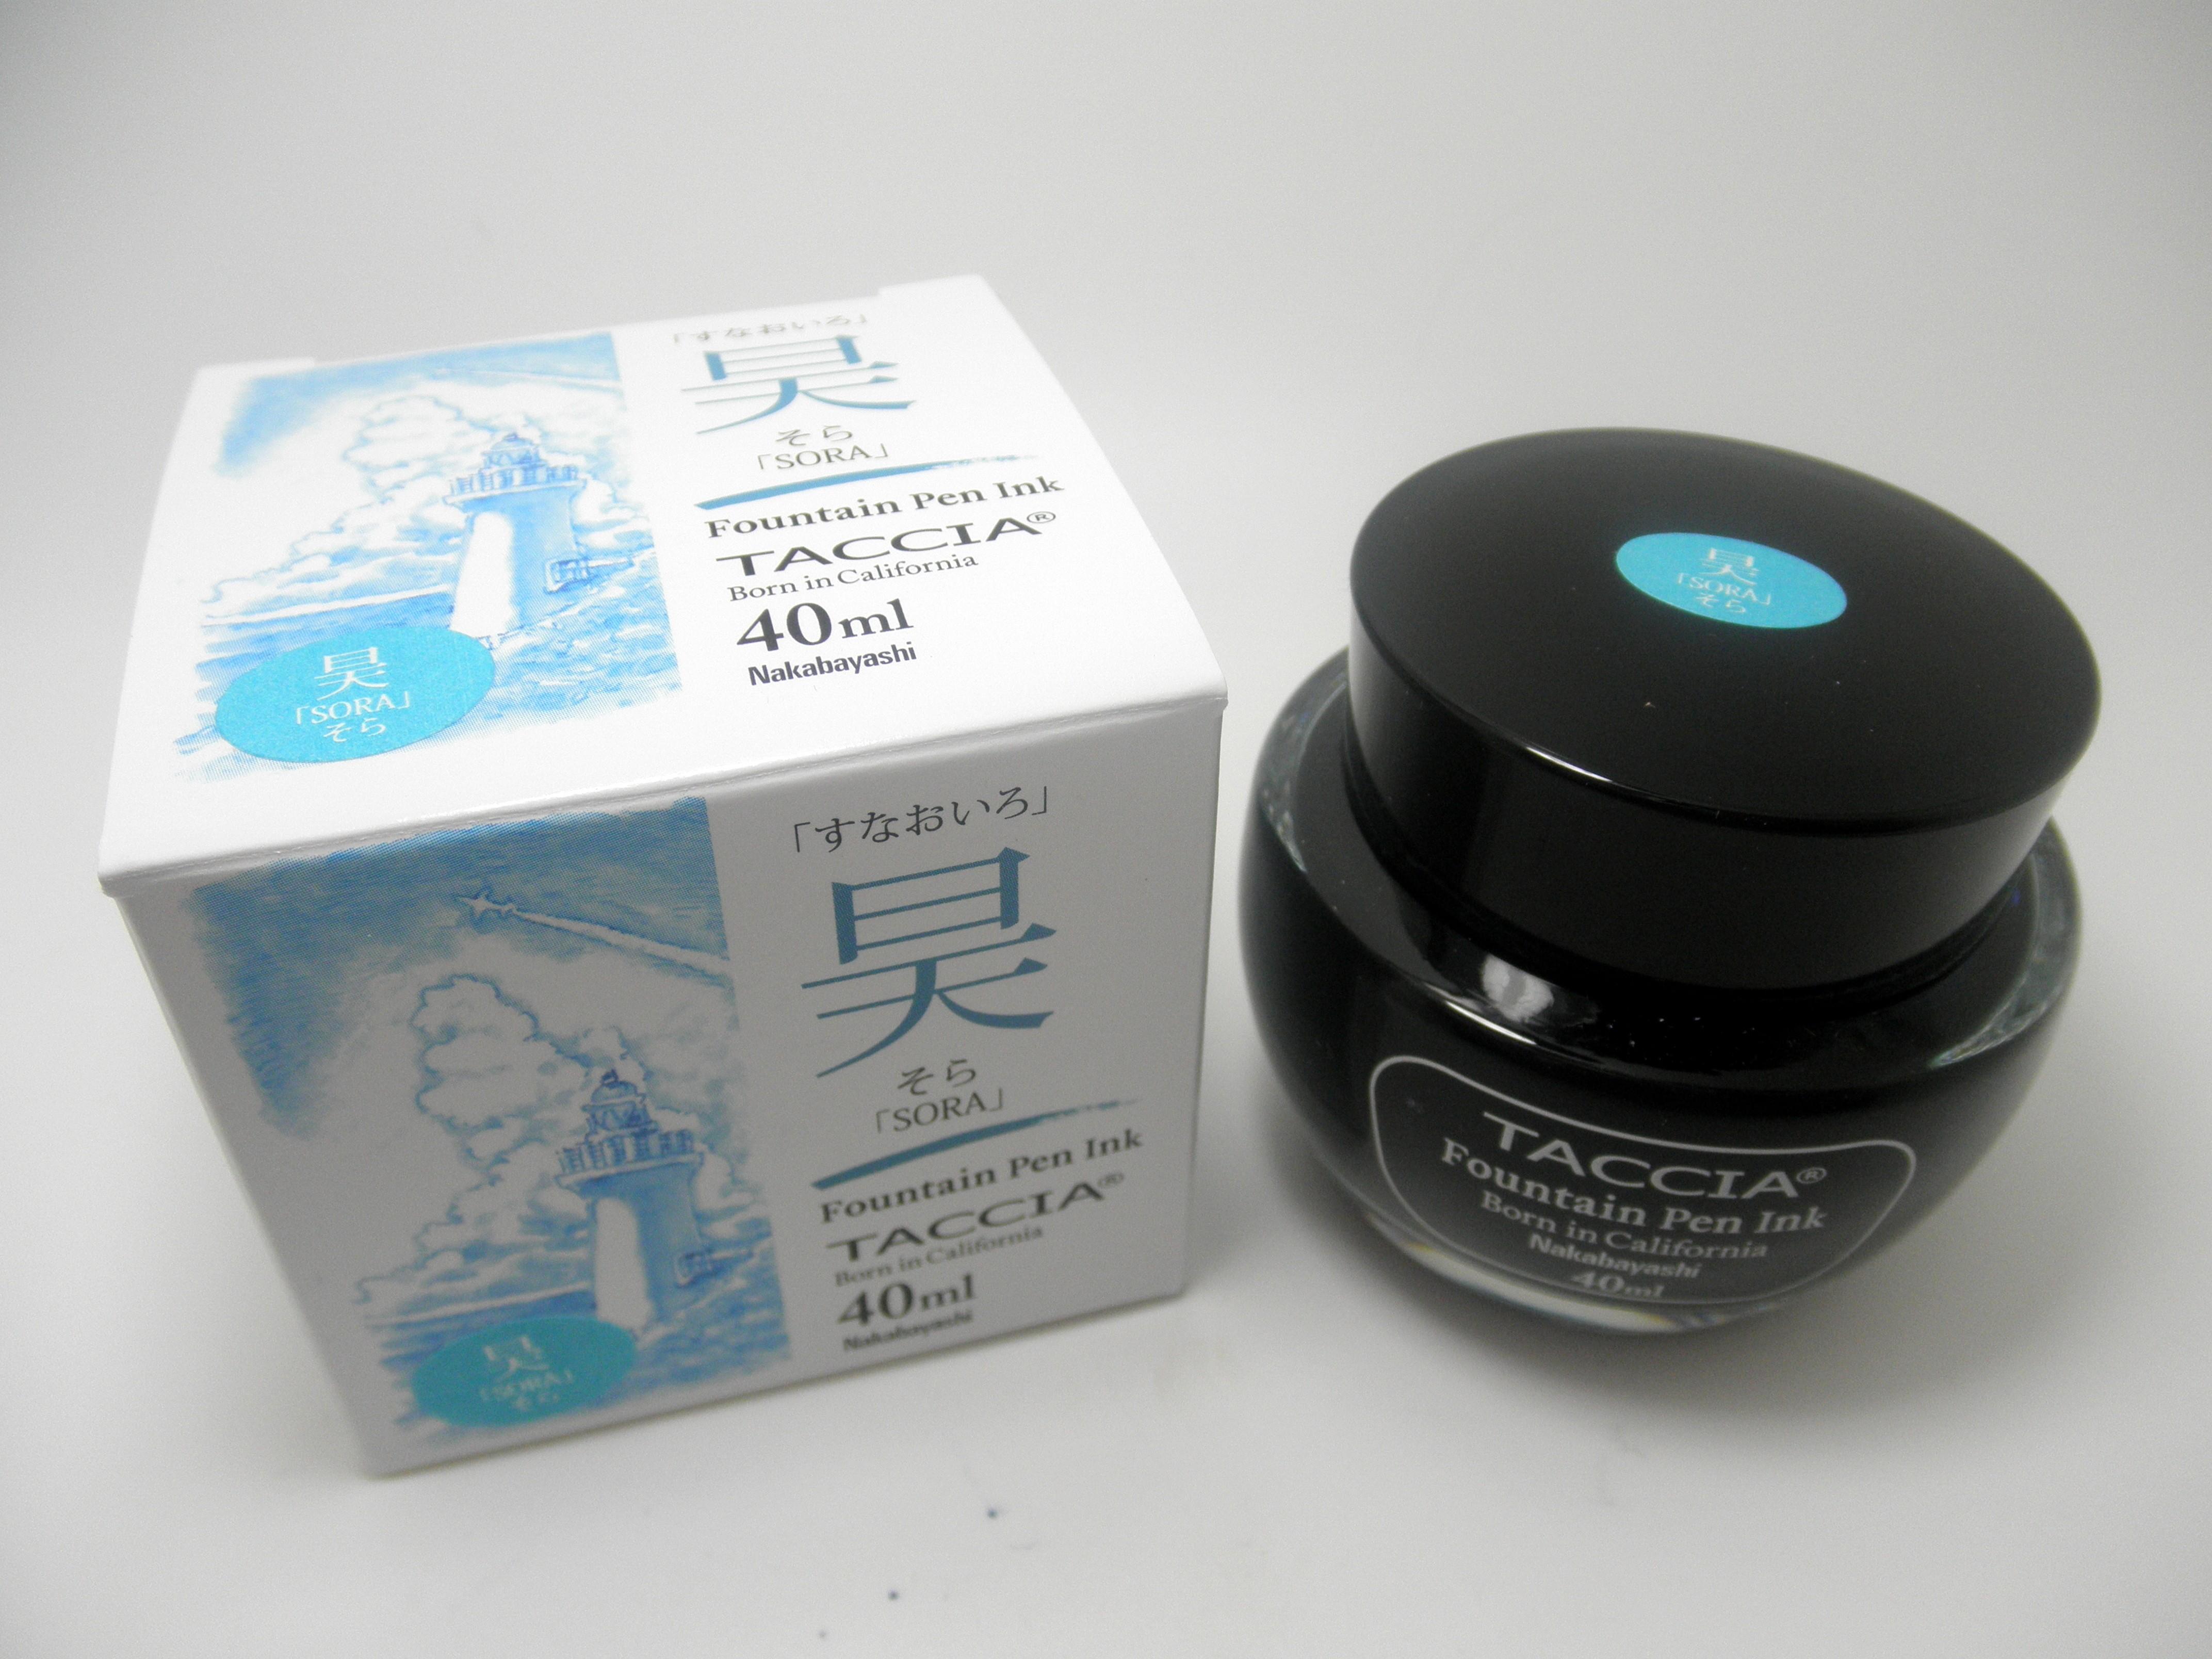 Taccia Bottled Ink Sora (Sky Blue)